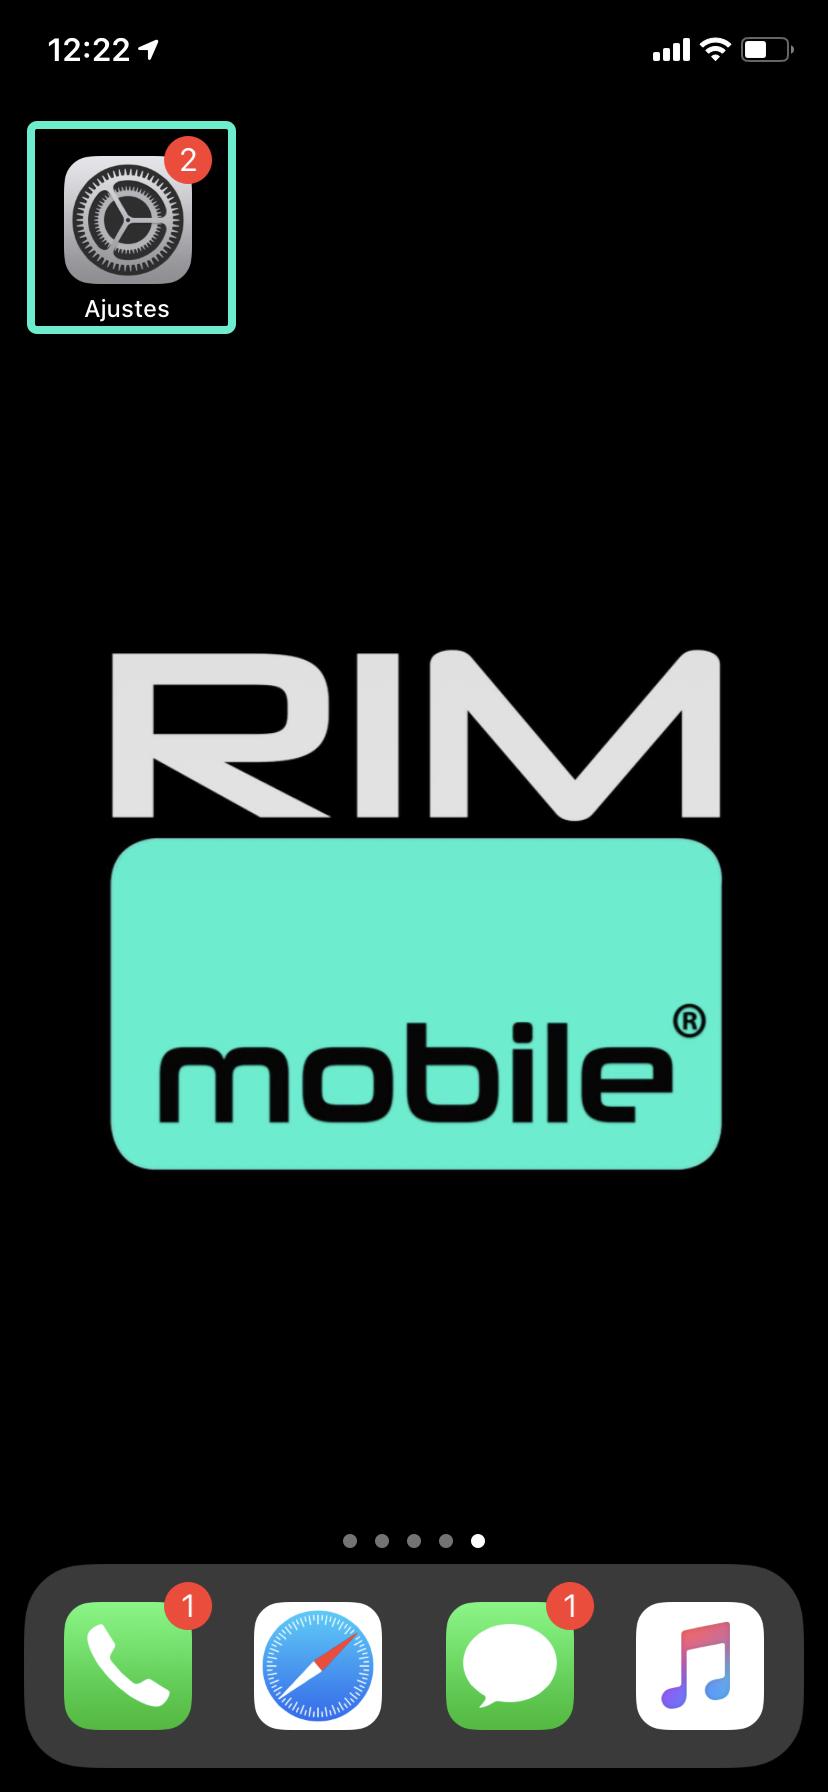 Acceder ajustes iphone rim mobile